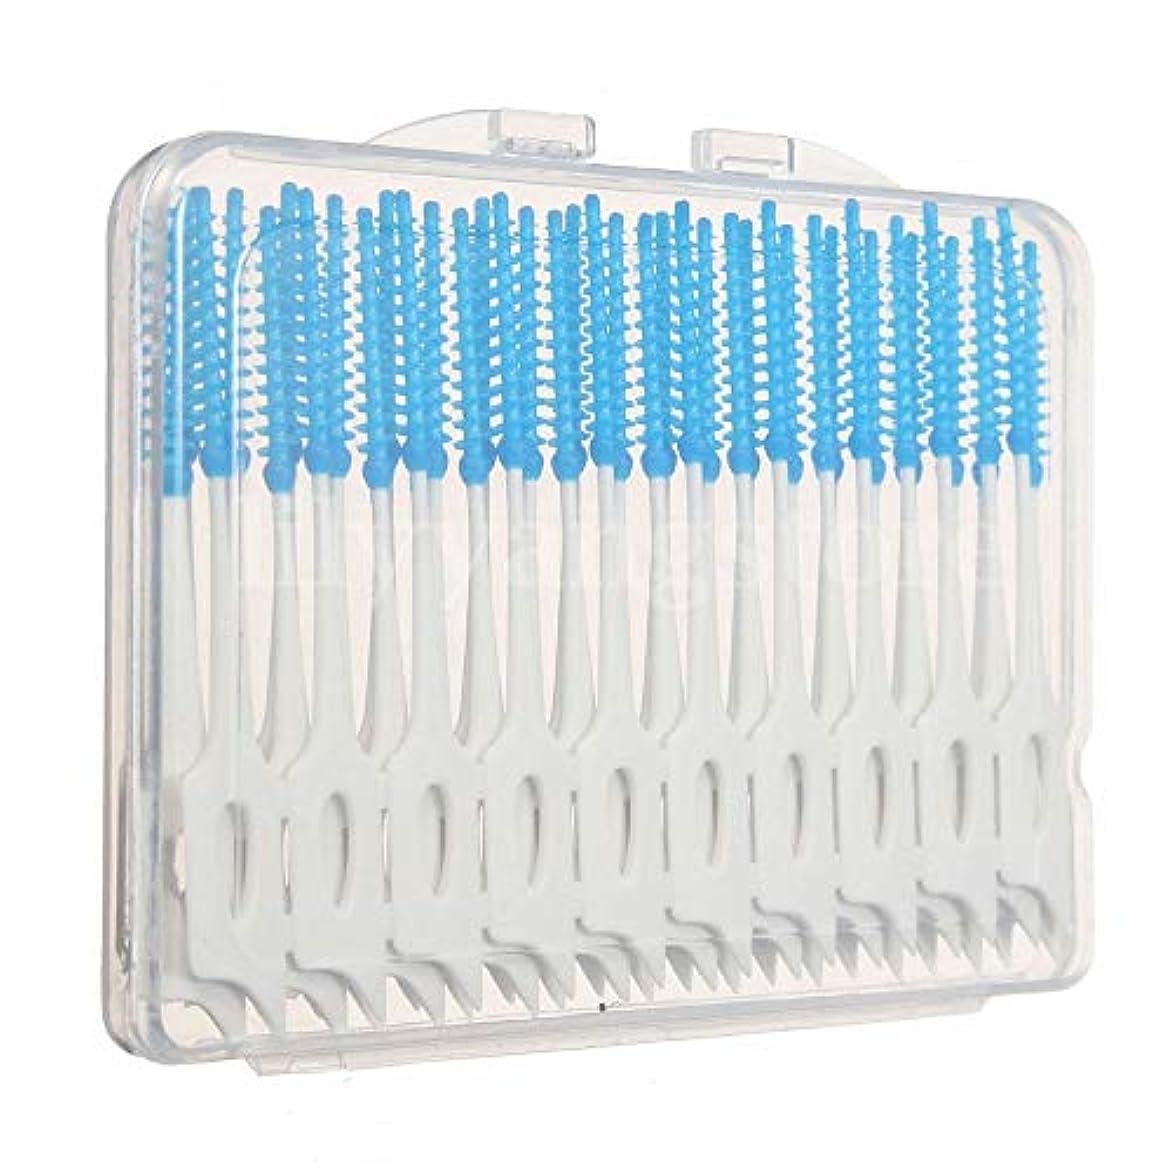 豚マリナー確立Maxcrestas - 便利な40個歯間フロスブラシ歯科歯オーラルケアクリーンクリーニングツール